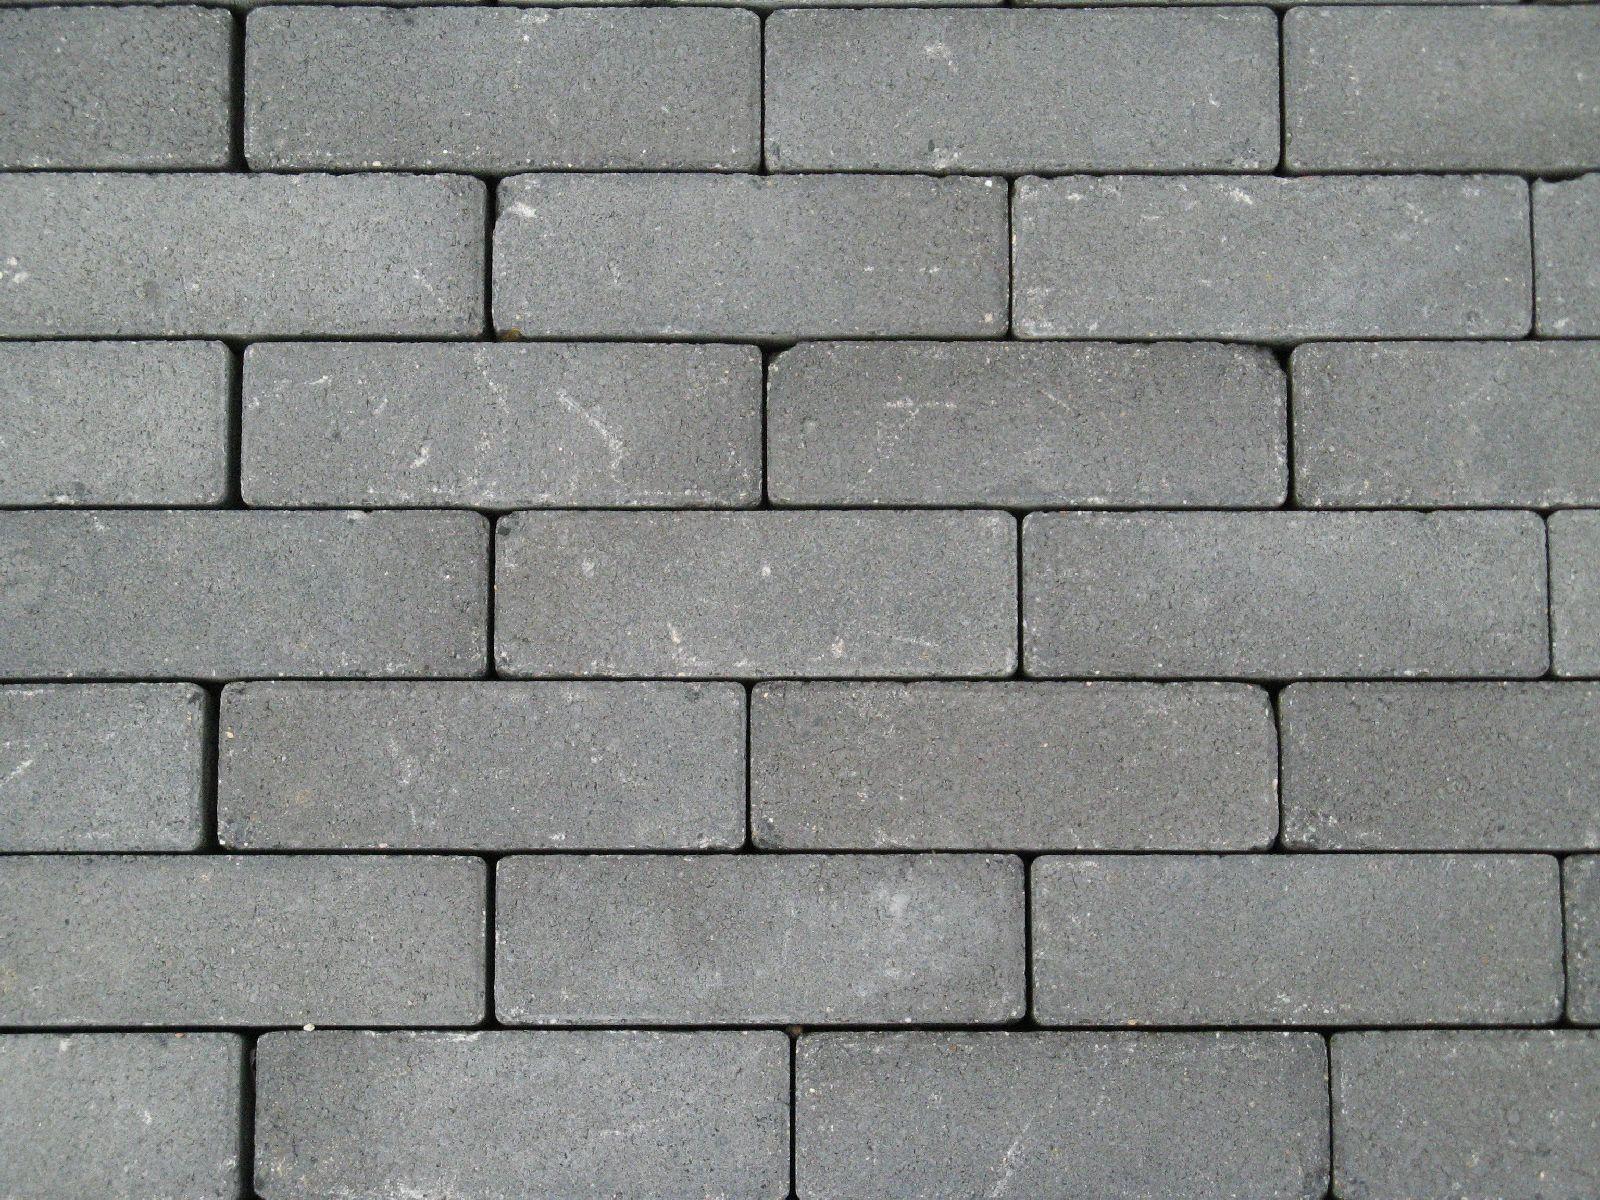 Boden-Gehweg-Strasse-Buergersteig-Textur_B_0548